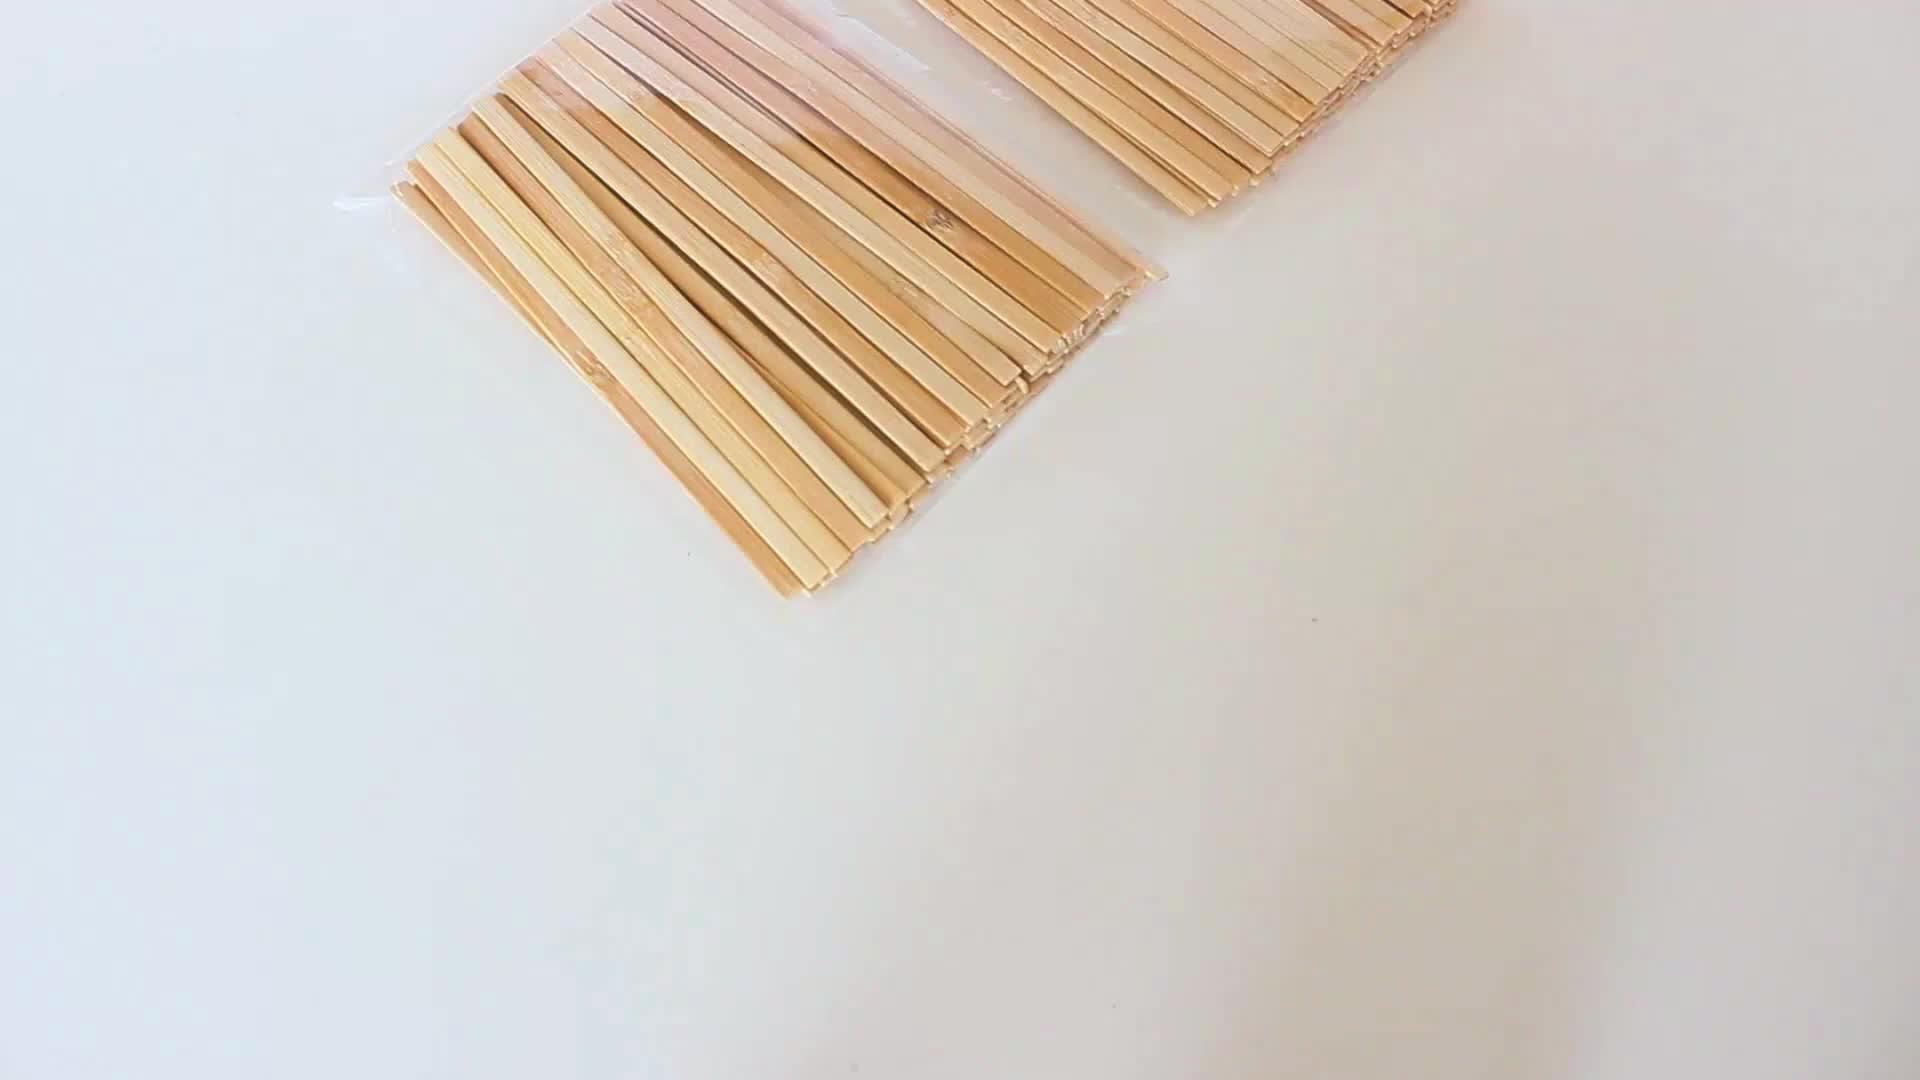 Commercio all'ingrosso Eco-Friendly rinnovabili naturale di bambù bastone caffè mescolare